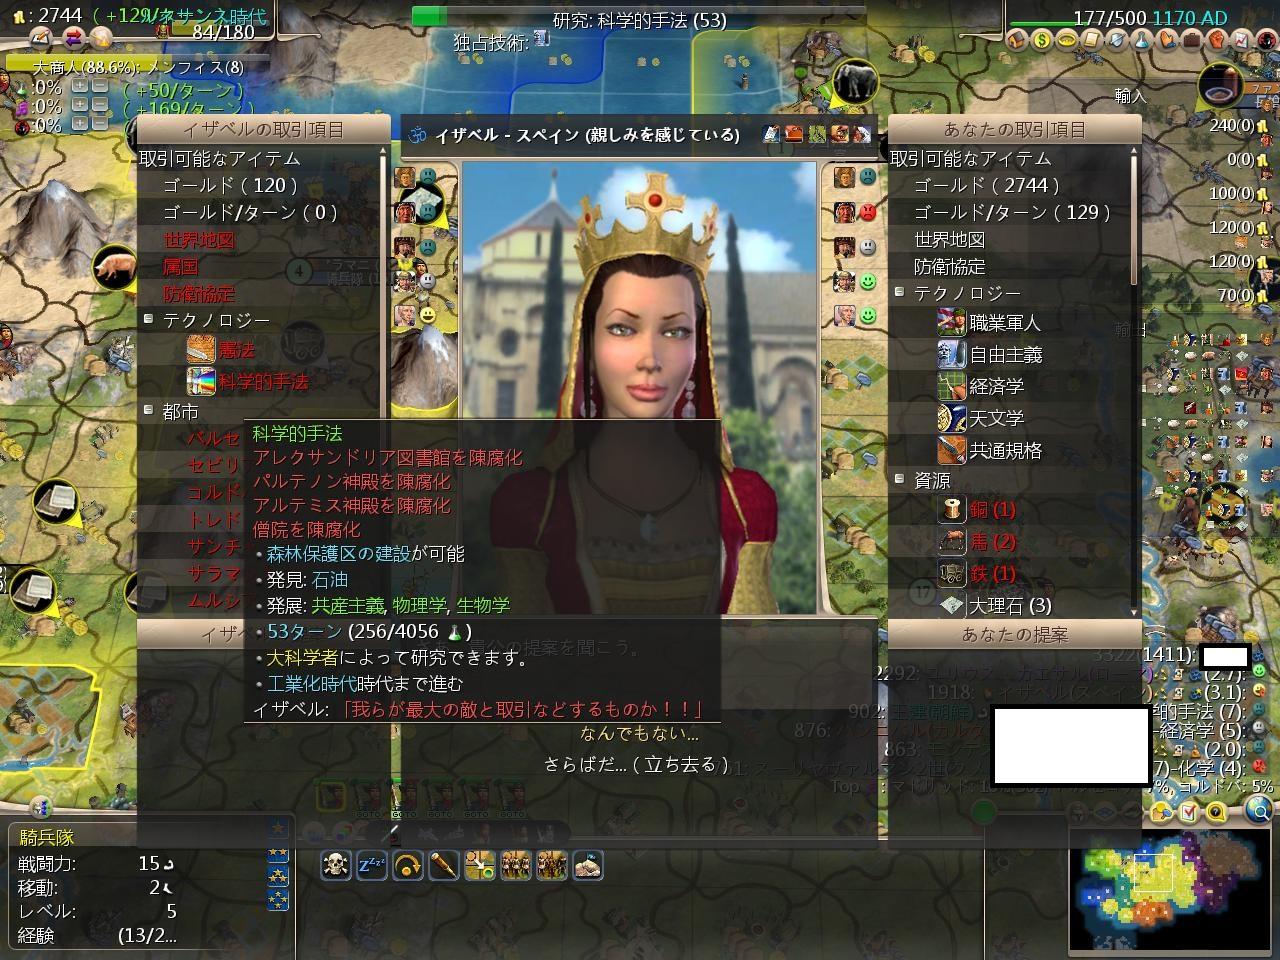 Civ4ScreenShot2146.JPG